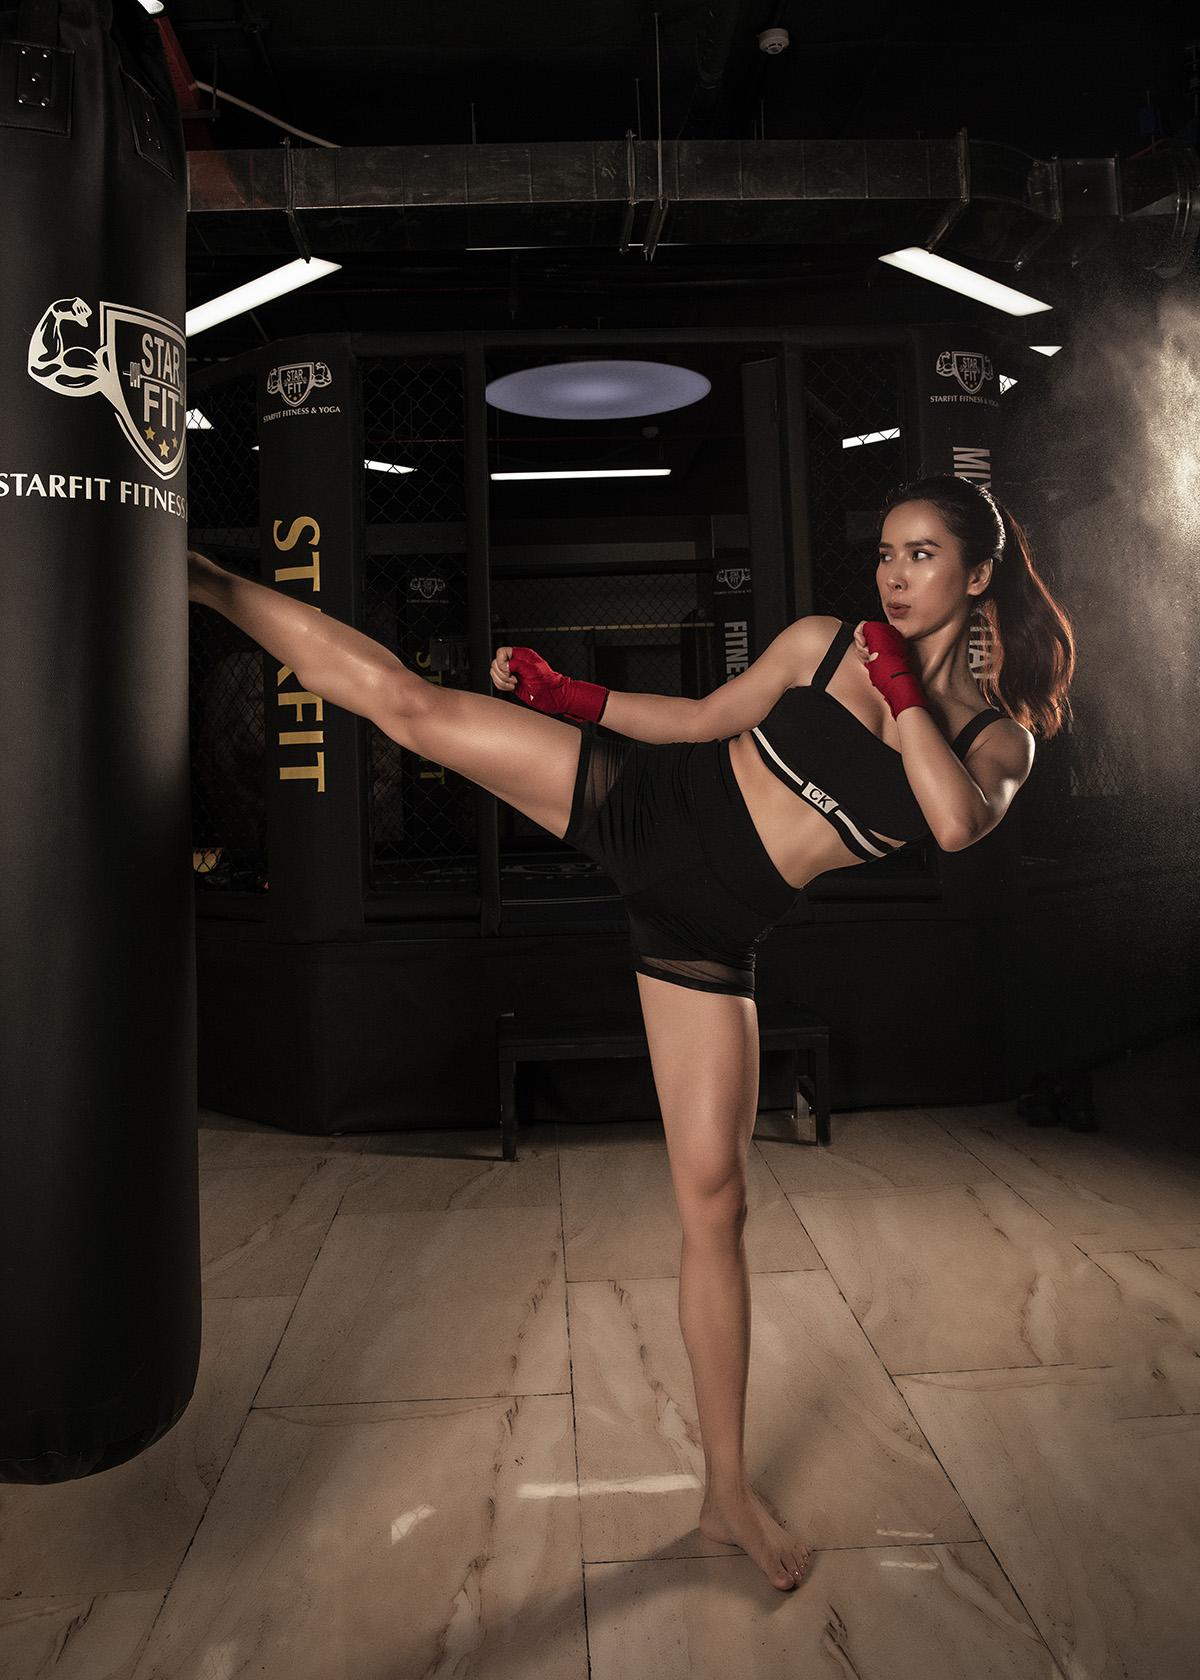 Bella Mai13 Trở lại với boxing, Bella Mai khoe cơ bụng số 11 săn chắc, quyến rũ